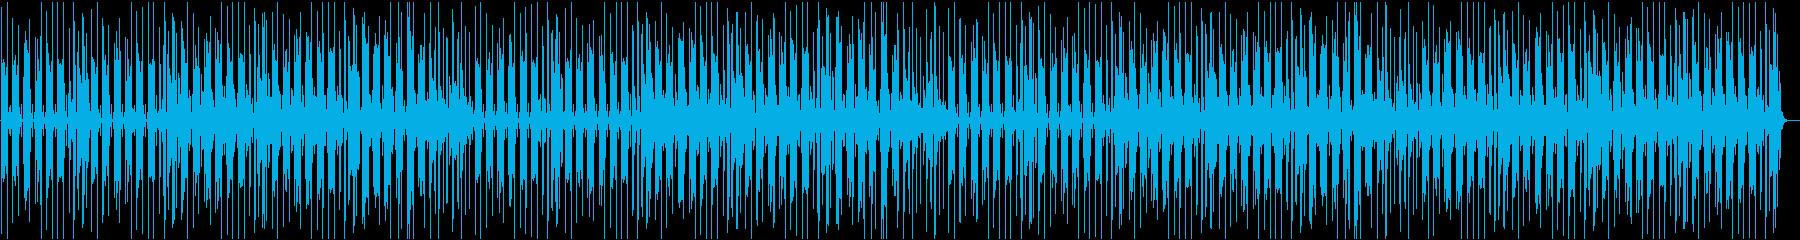 アコースティックギター カフェ おしゃれの再生済みの波形